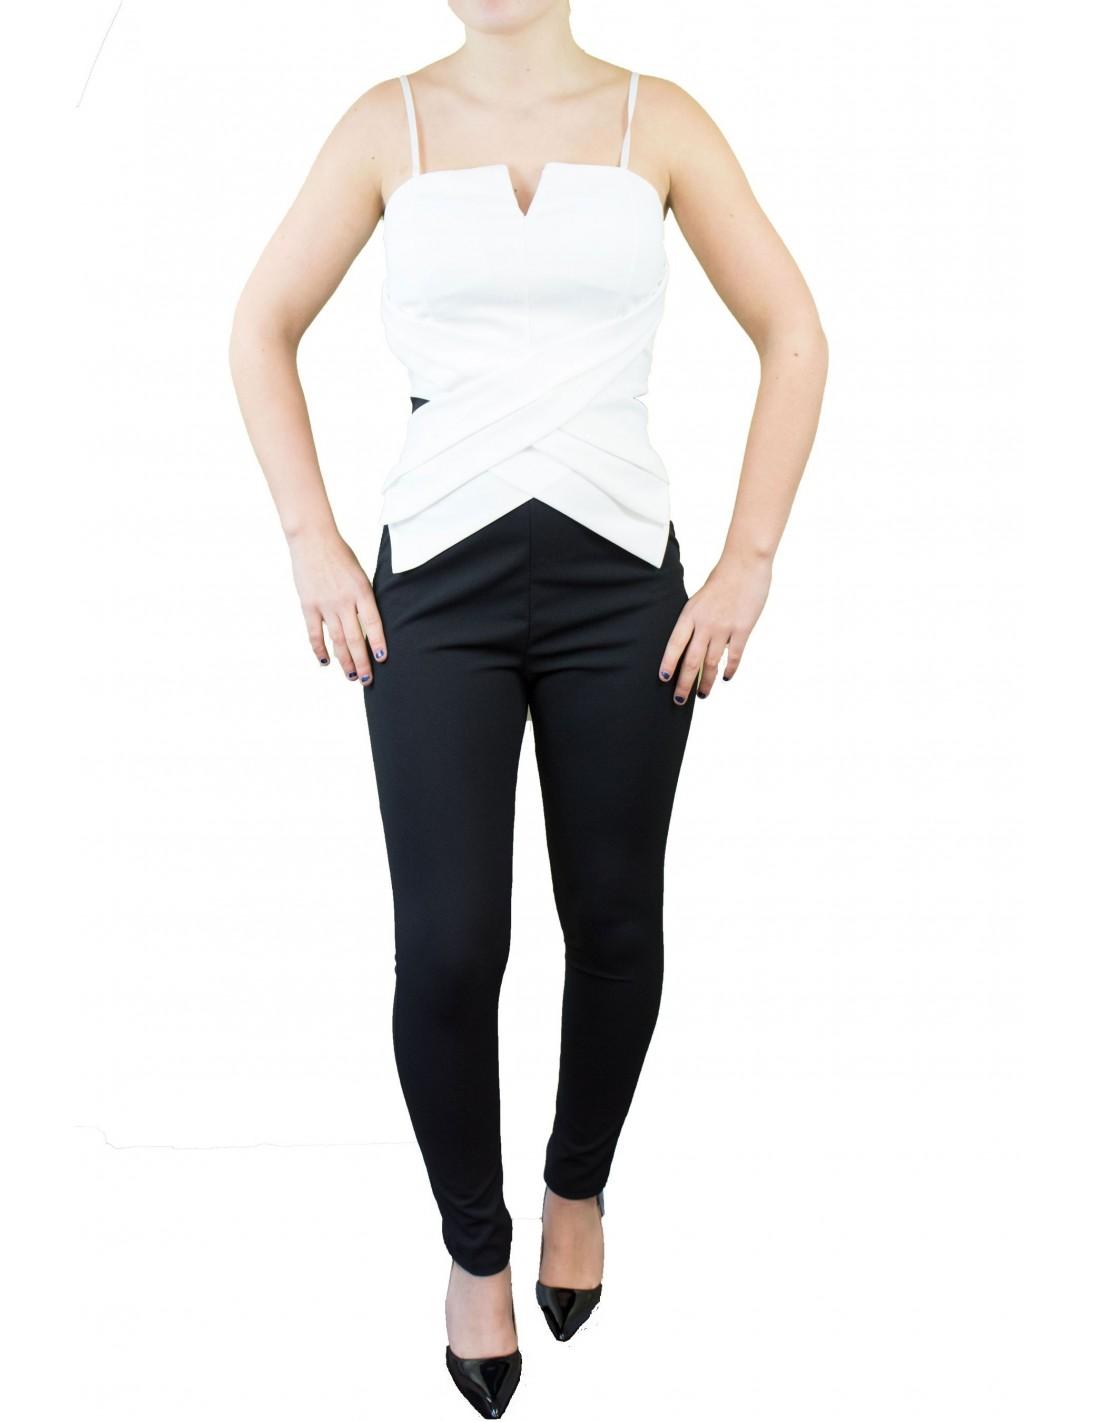 combinaison femme noire et blanche type bustier bretelles ajustables. Black Bedroom Furniture Sets. Home Design Ideas